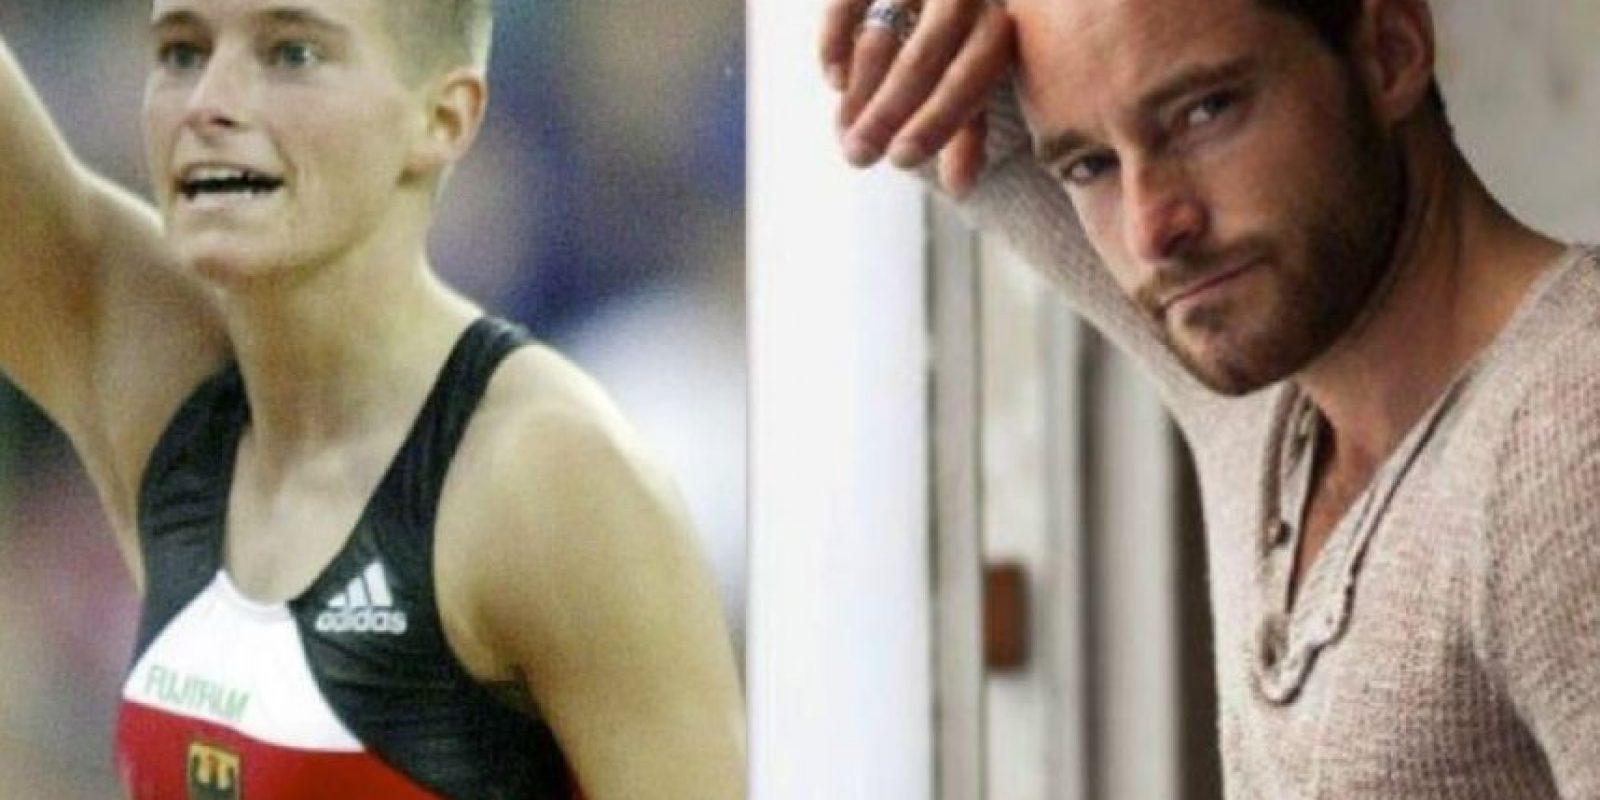 Yvonne Buschbaum de 34 años era garrochista y participó en los juegos Sydney 2000 en salto con garrocha, obteniendo el sexto lugar. Foto:Getty Images